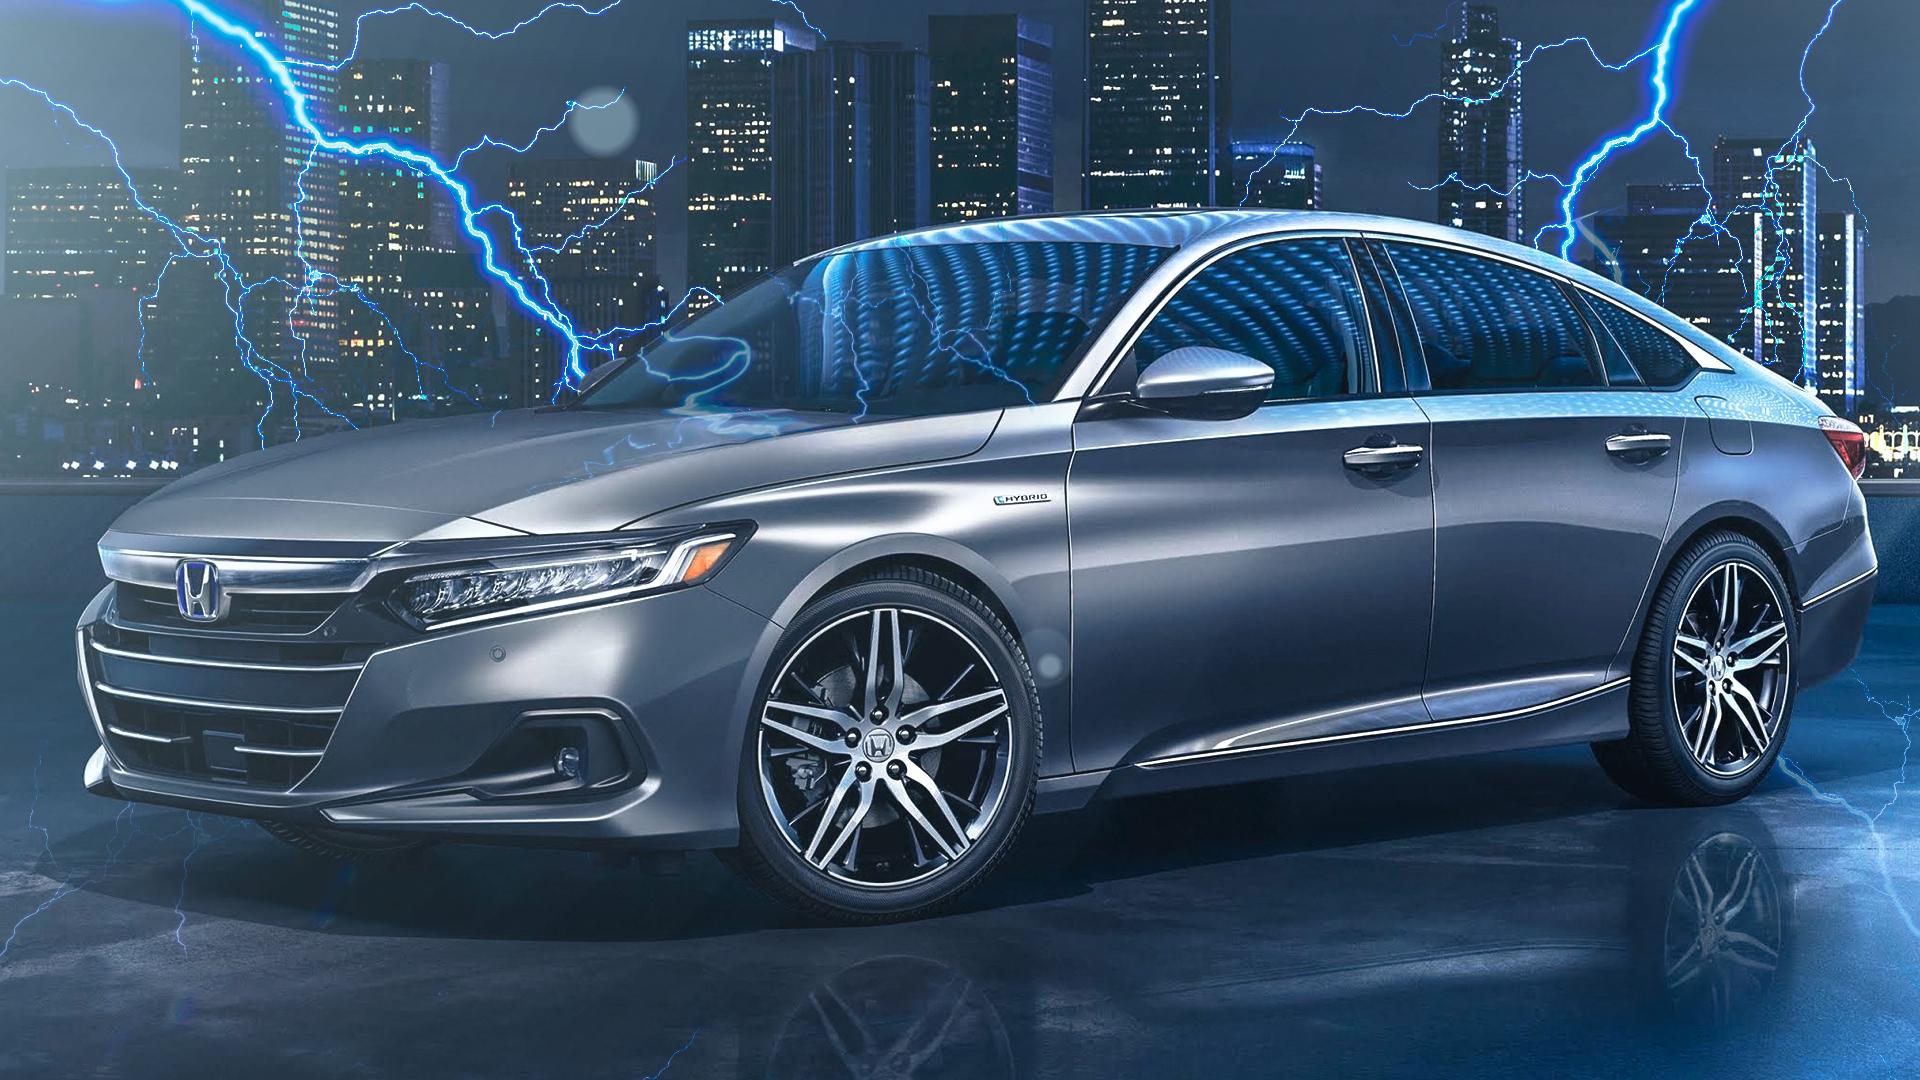 Mesmo sendo um veículo pesado, Honda Accord híbrido tem autonomia de 18 km/L na cidade